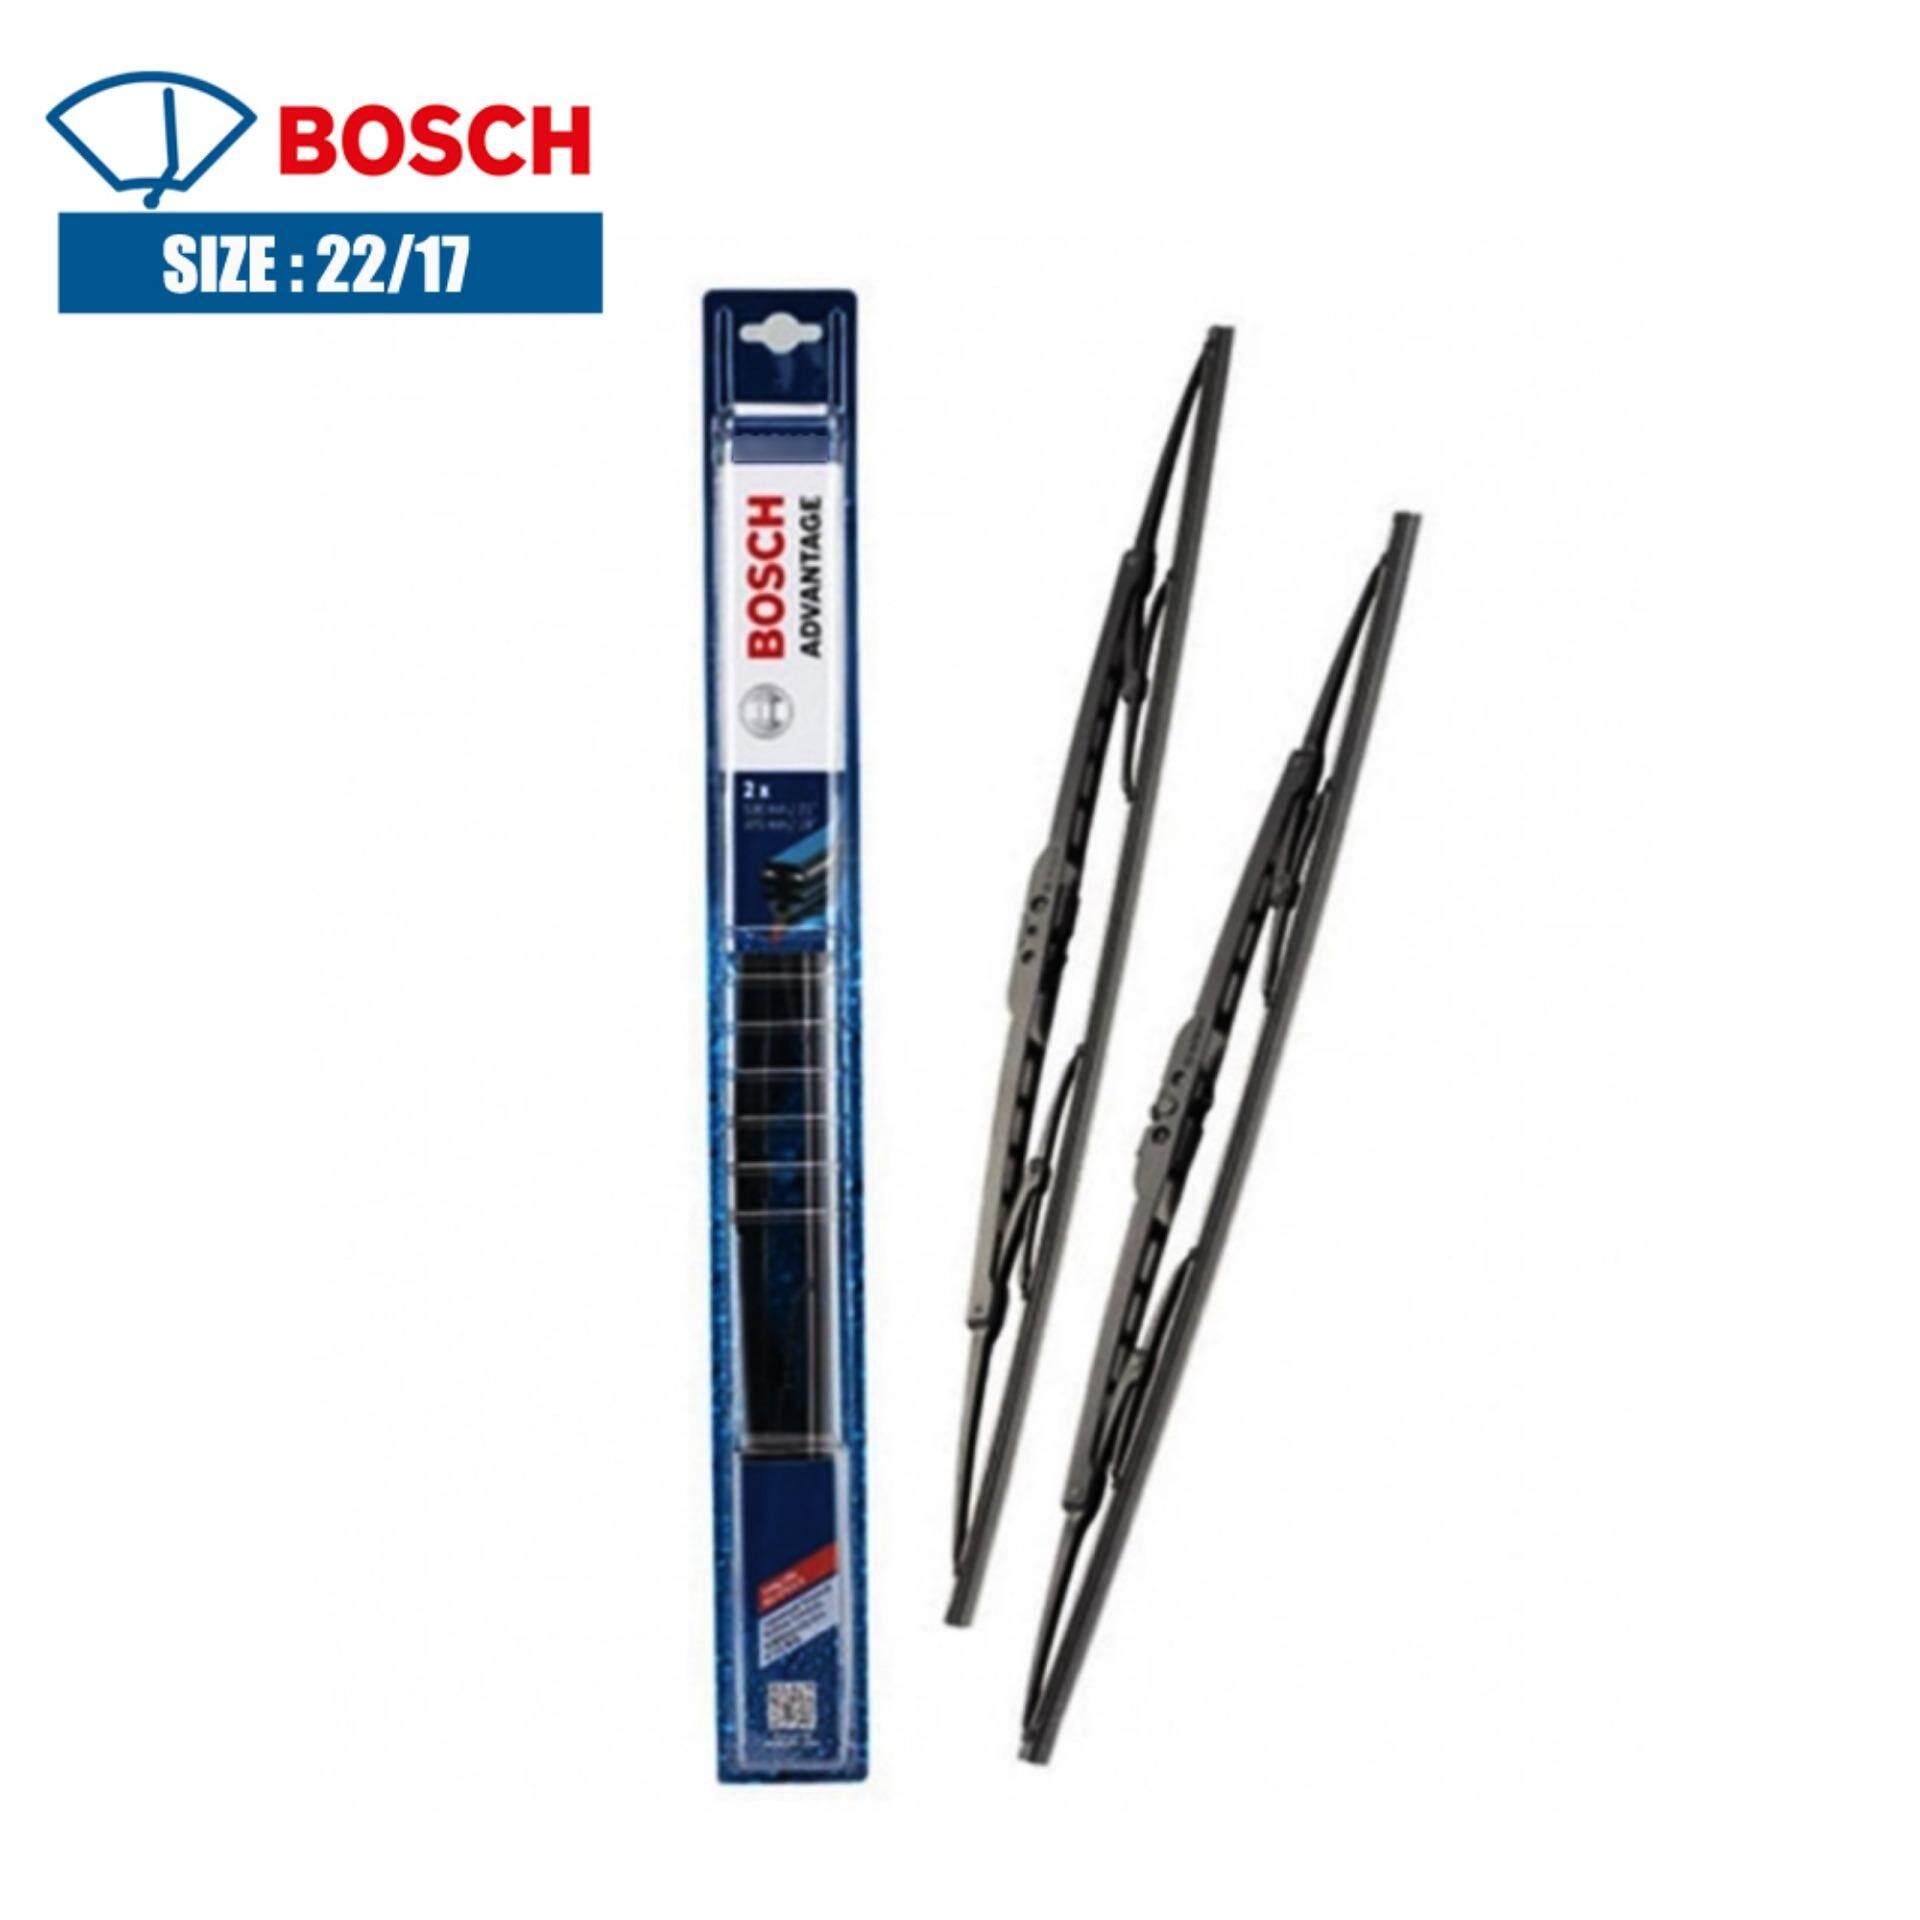 BOSCH 1PAIR-U HOOK BA2217 SAGA BLM/SWIFT/SYLPHY G11 WIPER